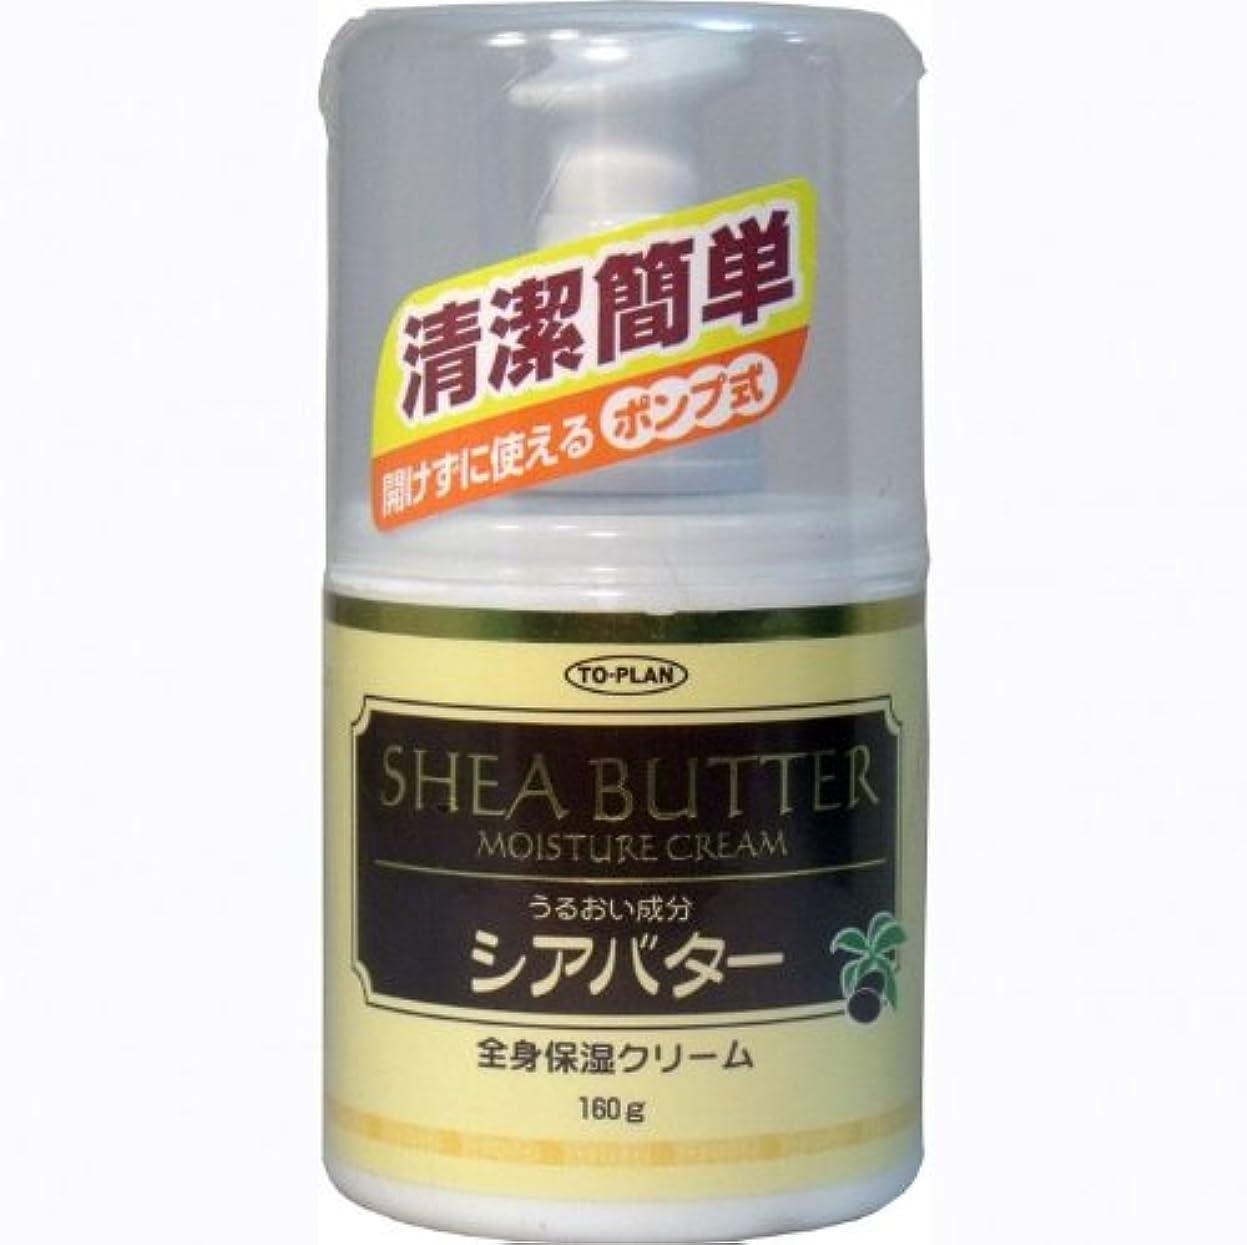 うっかりフェードアウト木曜日トプラン 全身保湿クリーム シアバター ポンプ式 160g【2個セット】